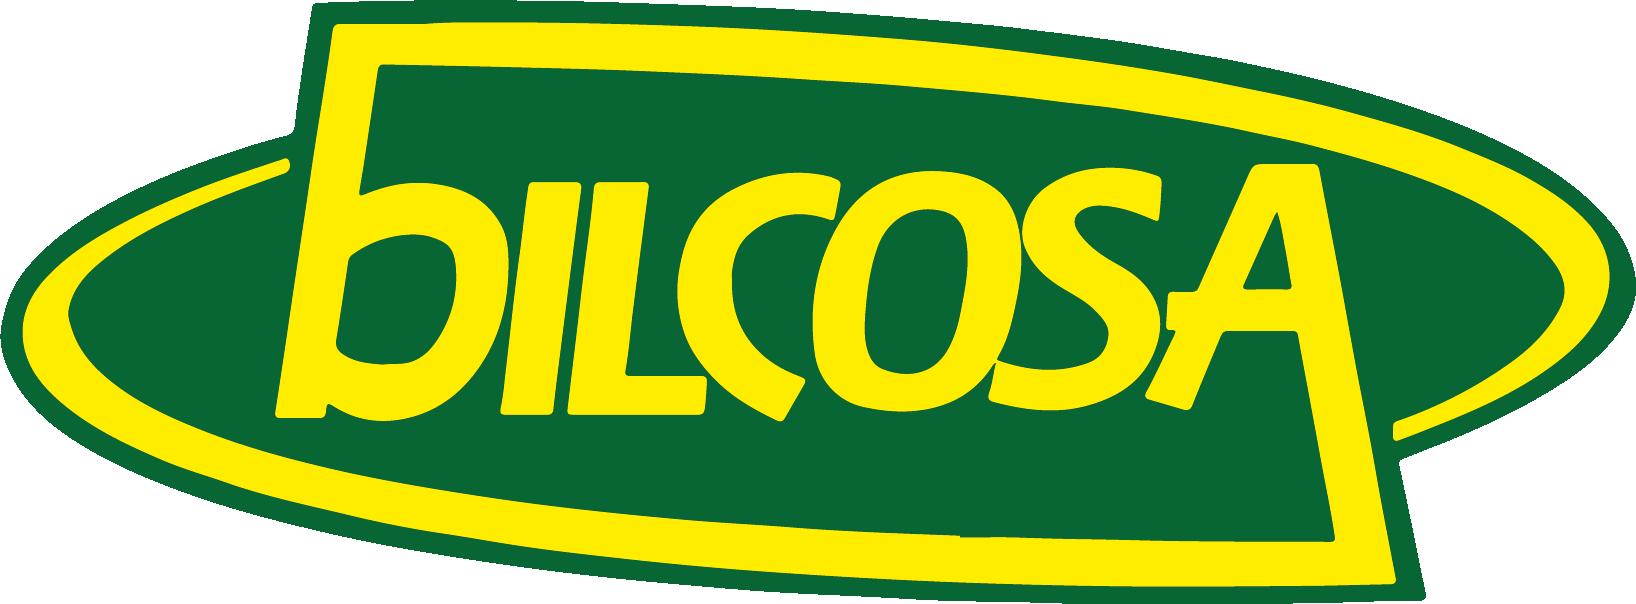 bilcosa_logo_y_tras